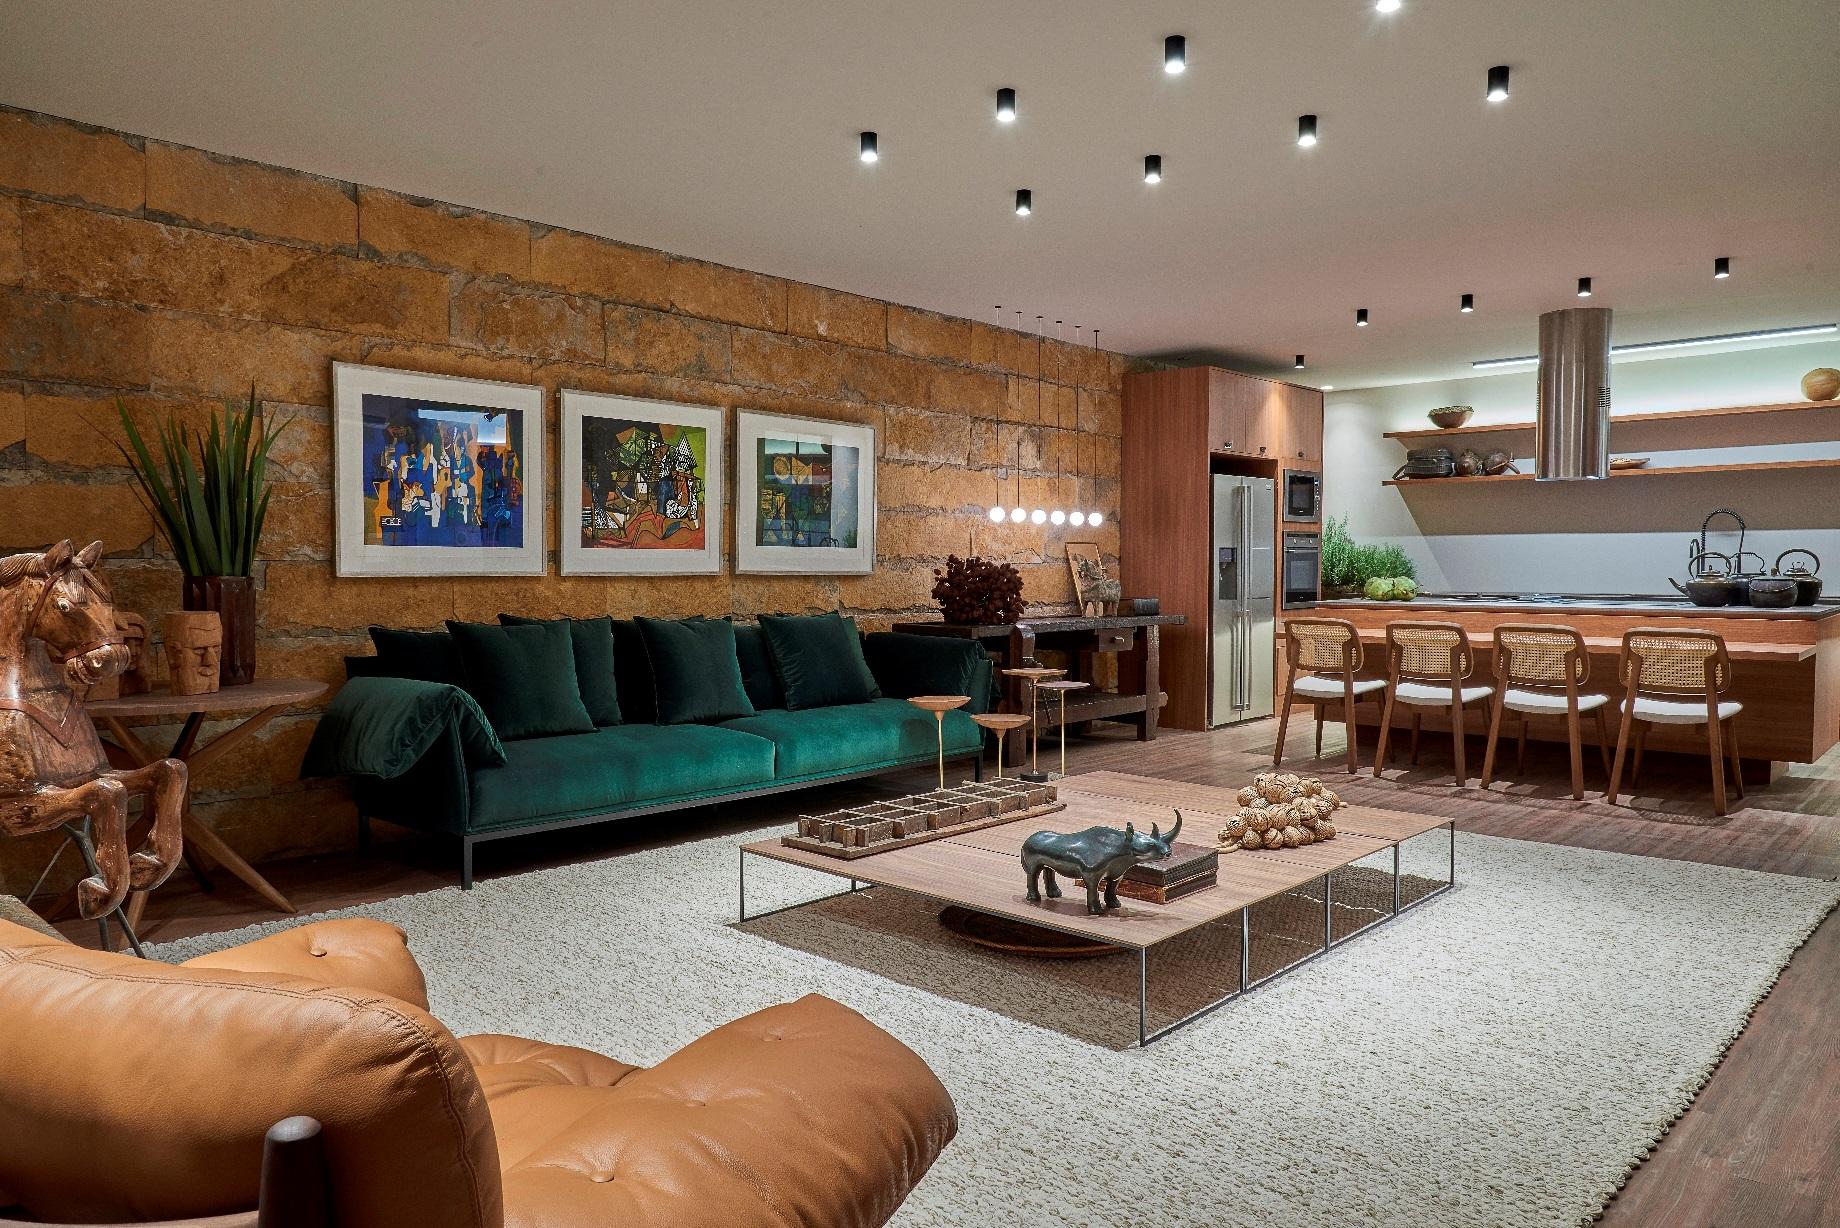 sofá verde miguel gustavo casacor brasilia 2018 casa de campo decoração projeto